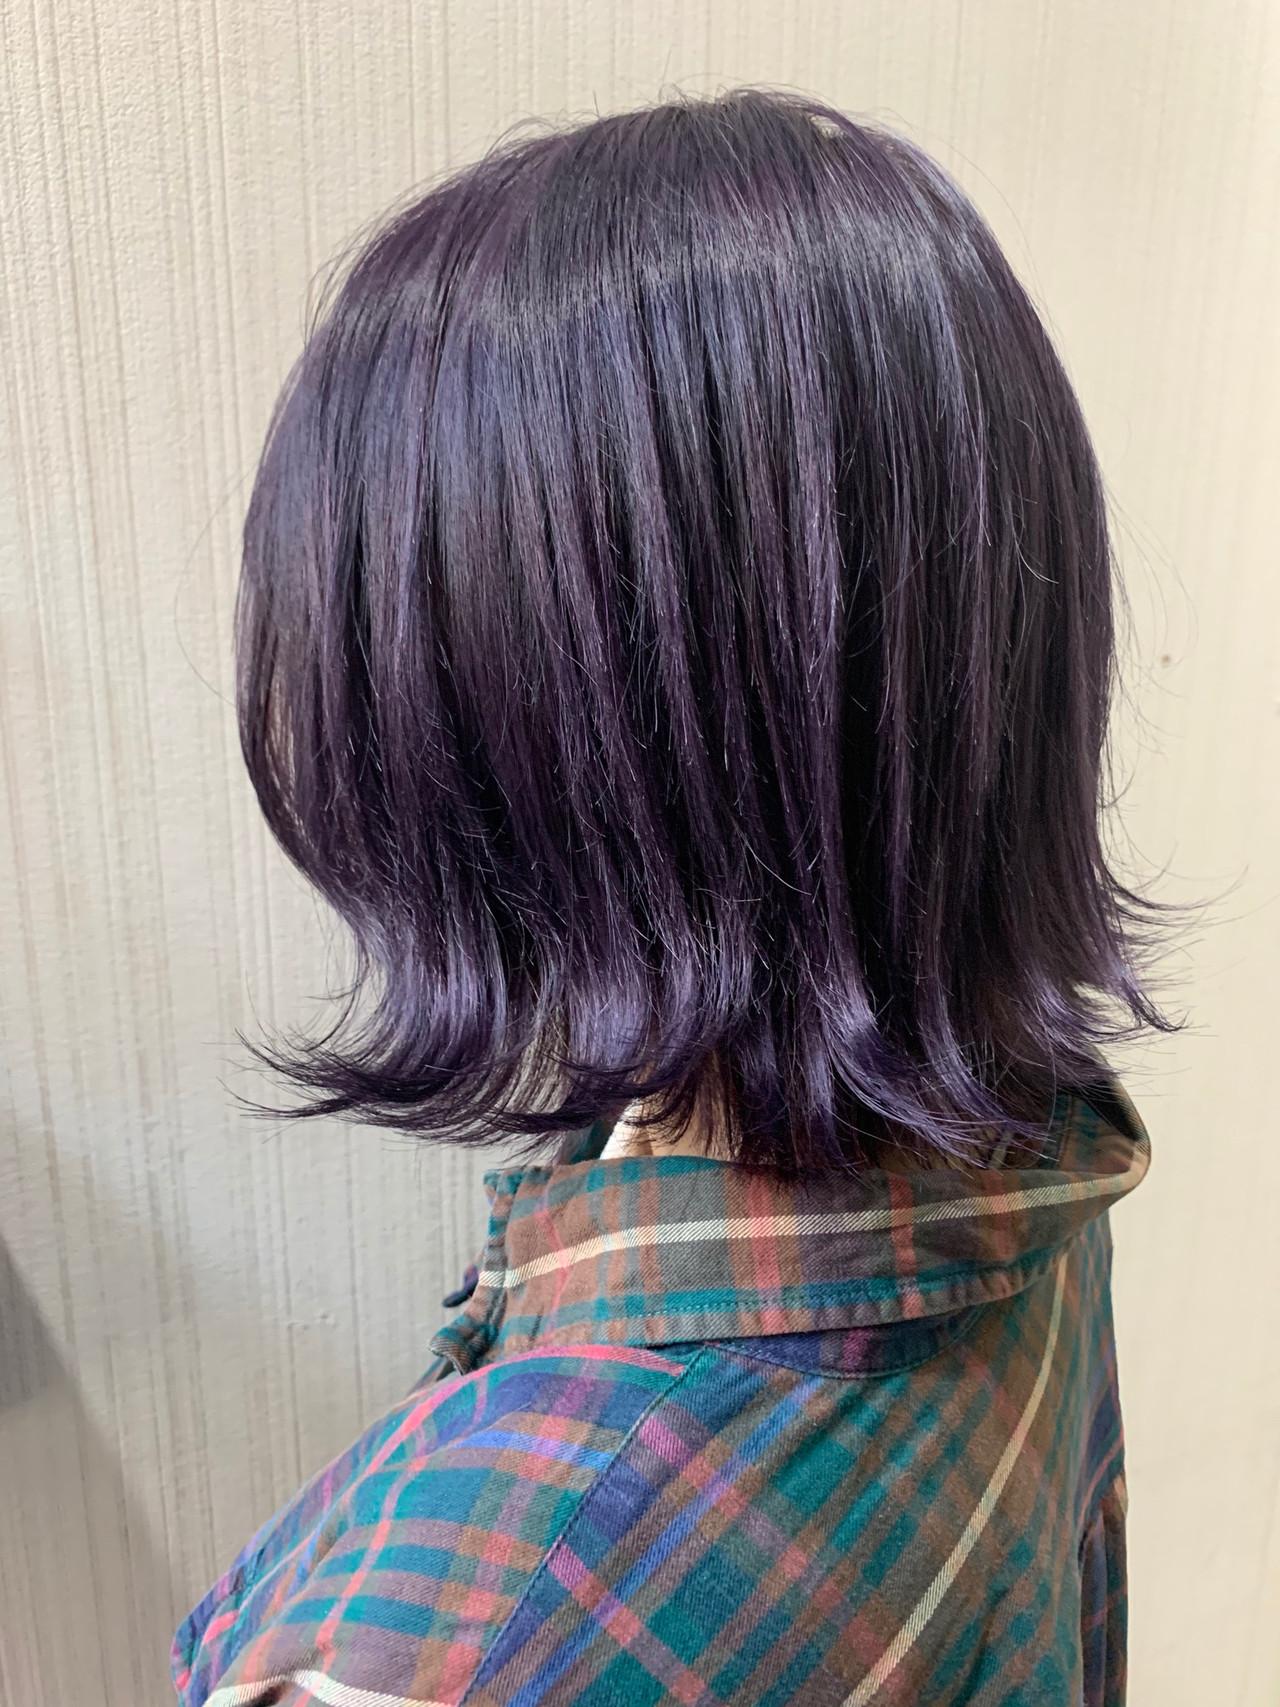 ラベンダーピンク ナチュラル ボブ ネイビーブルー ヘアスタイルや髪型の写真・画像 | 土屋一貴 / TOMCAT